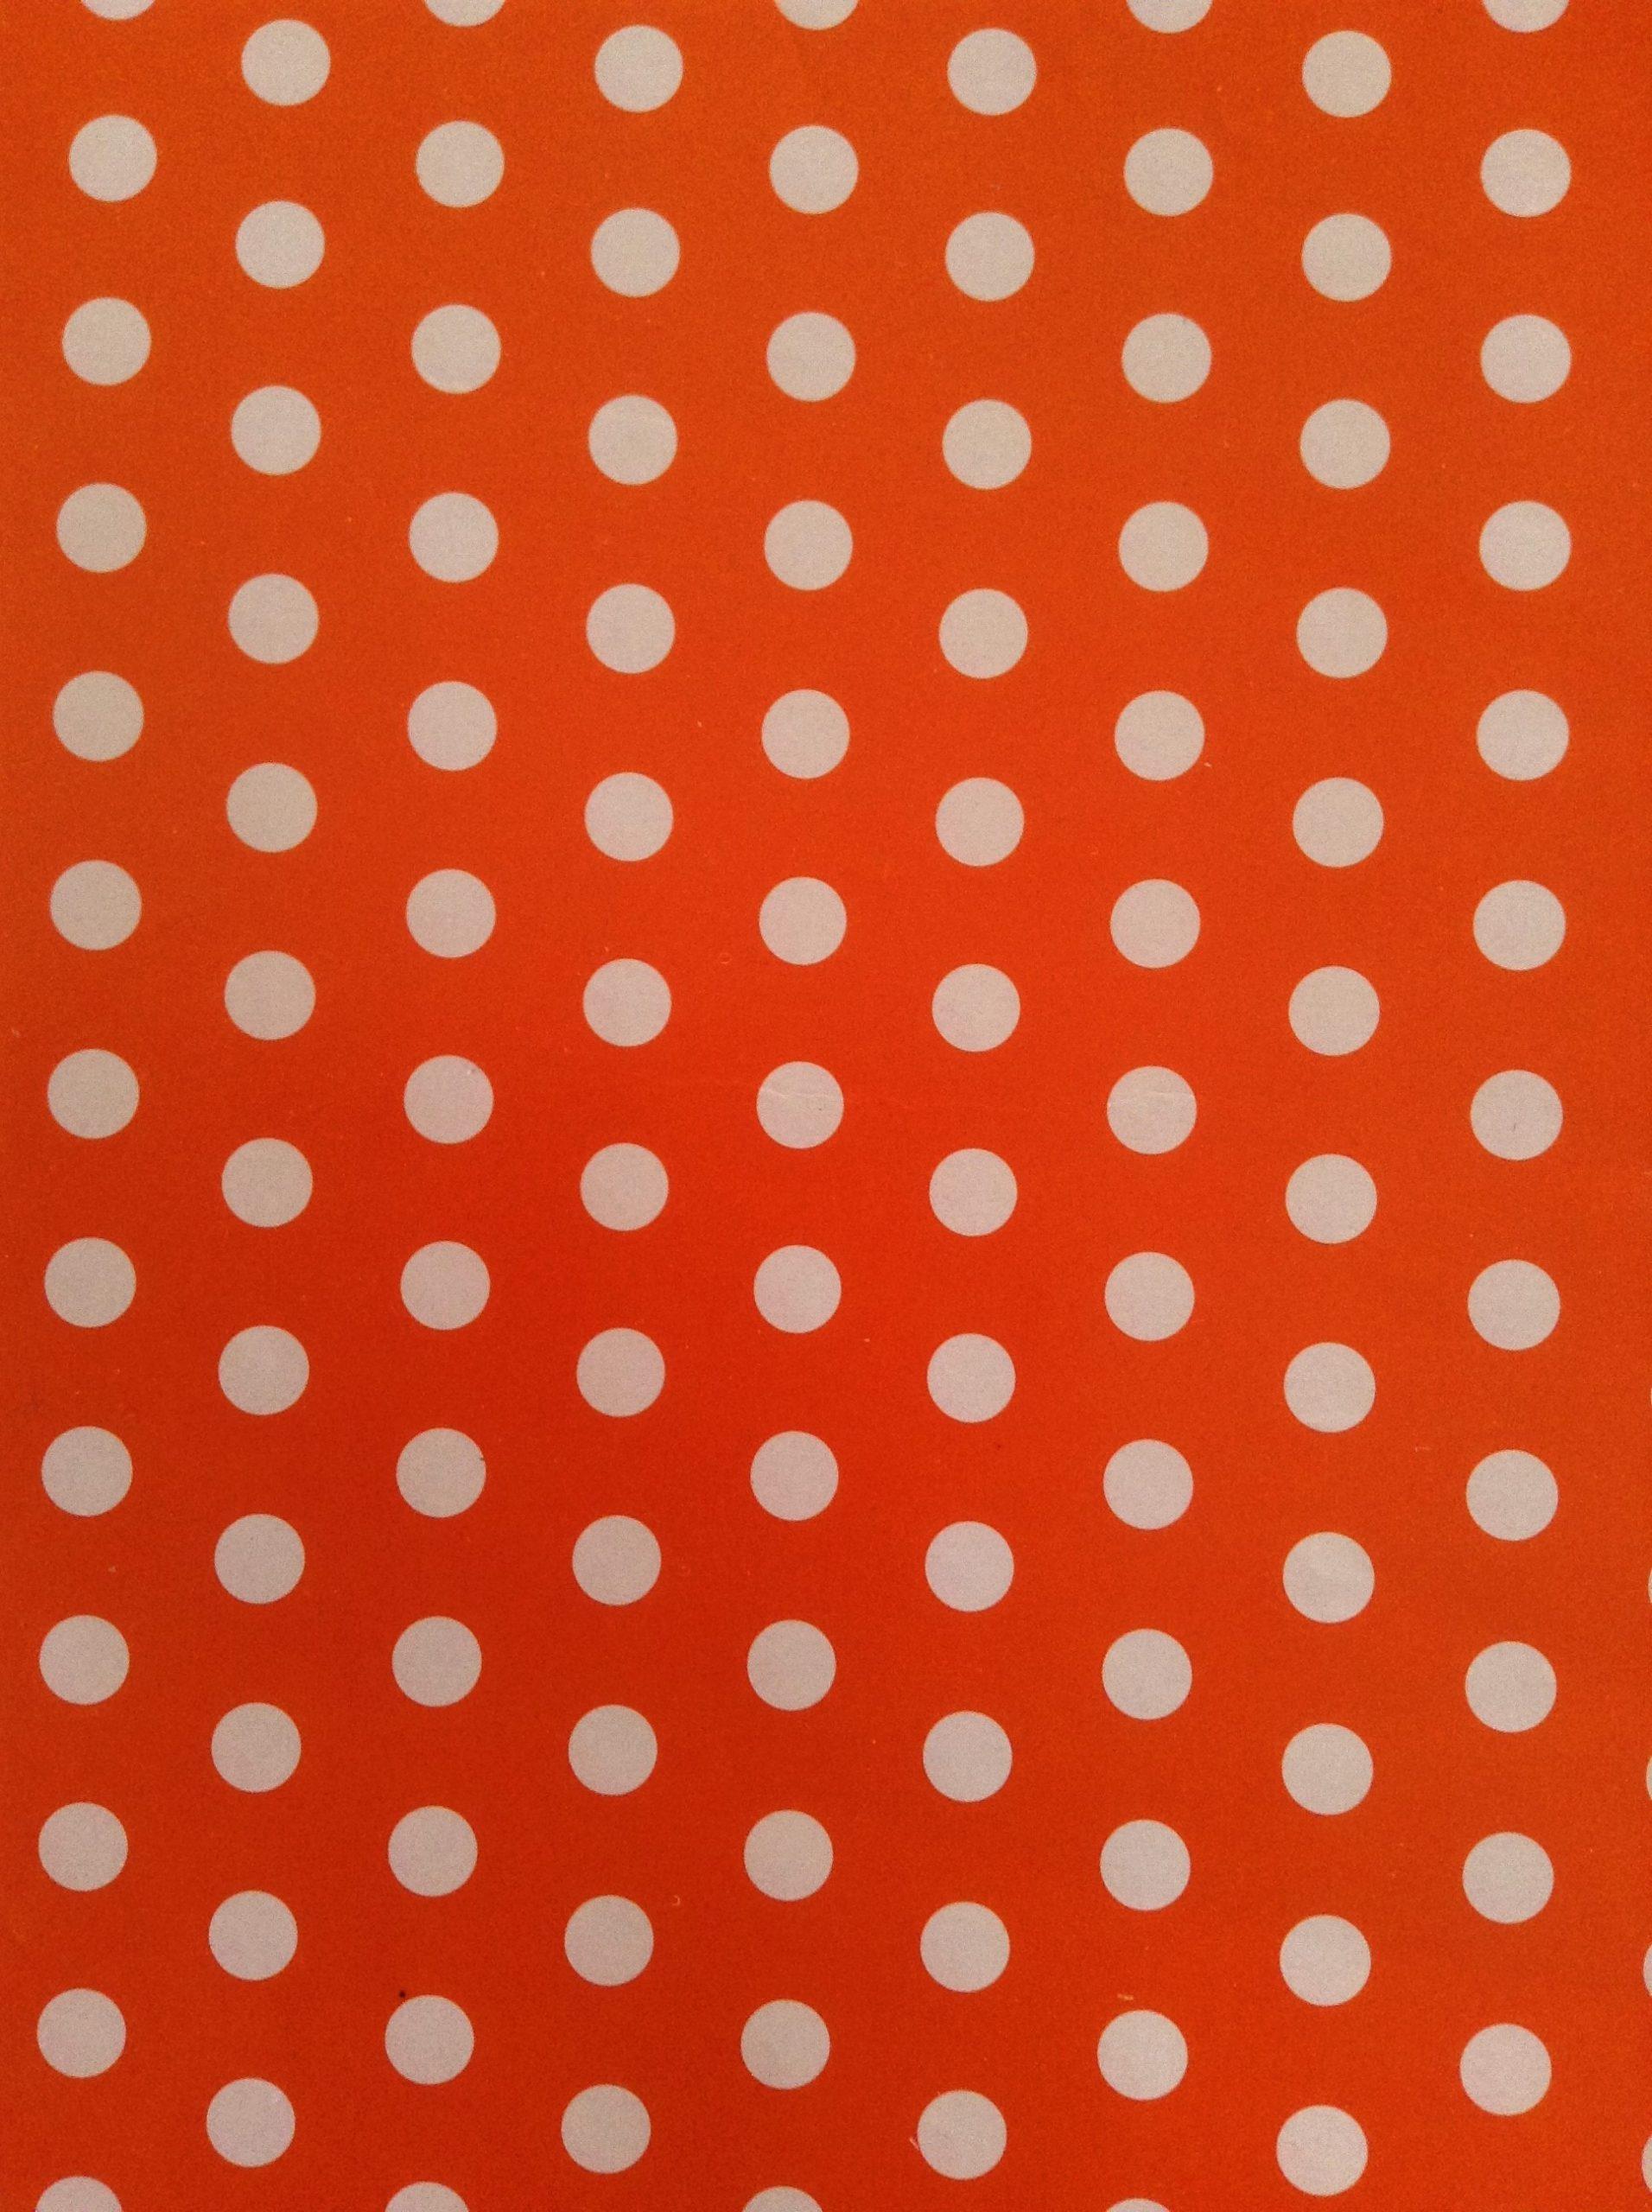 Polka anaranjado